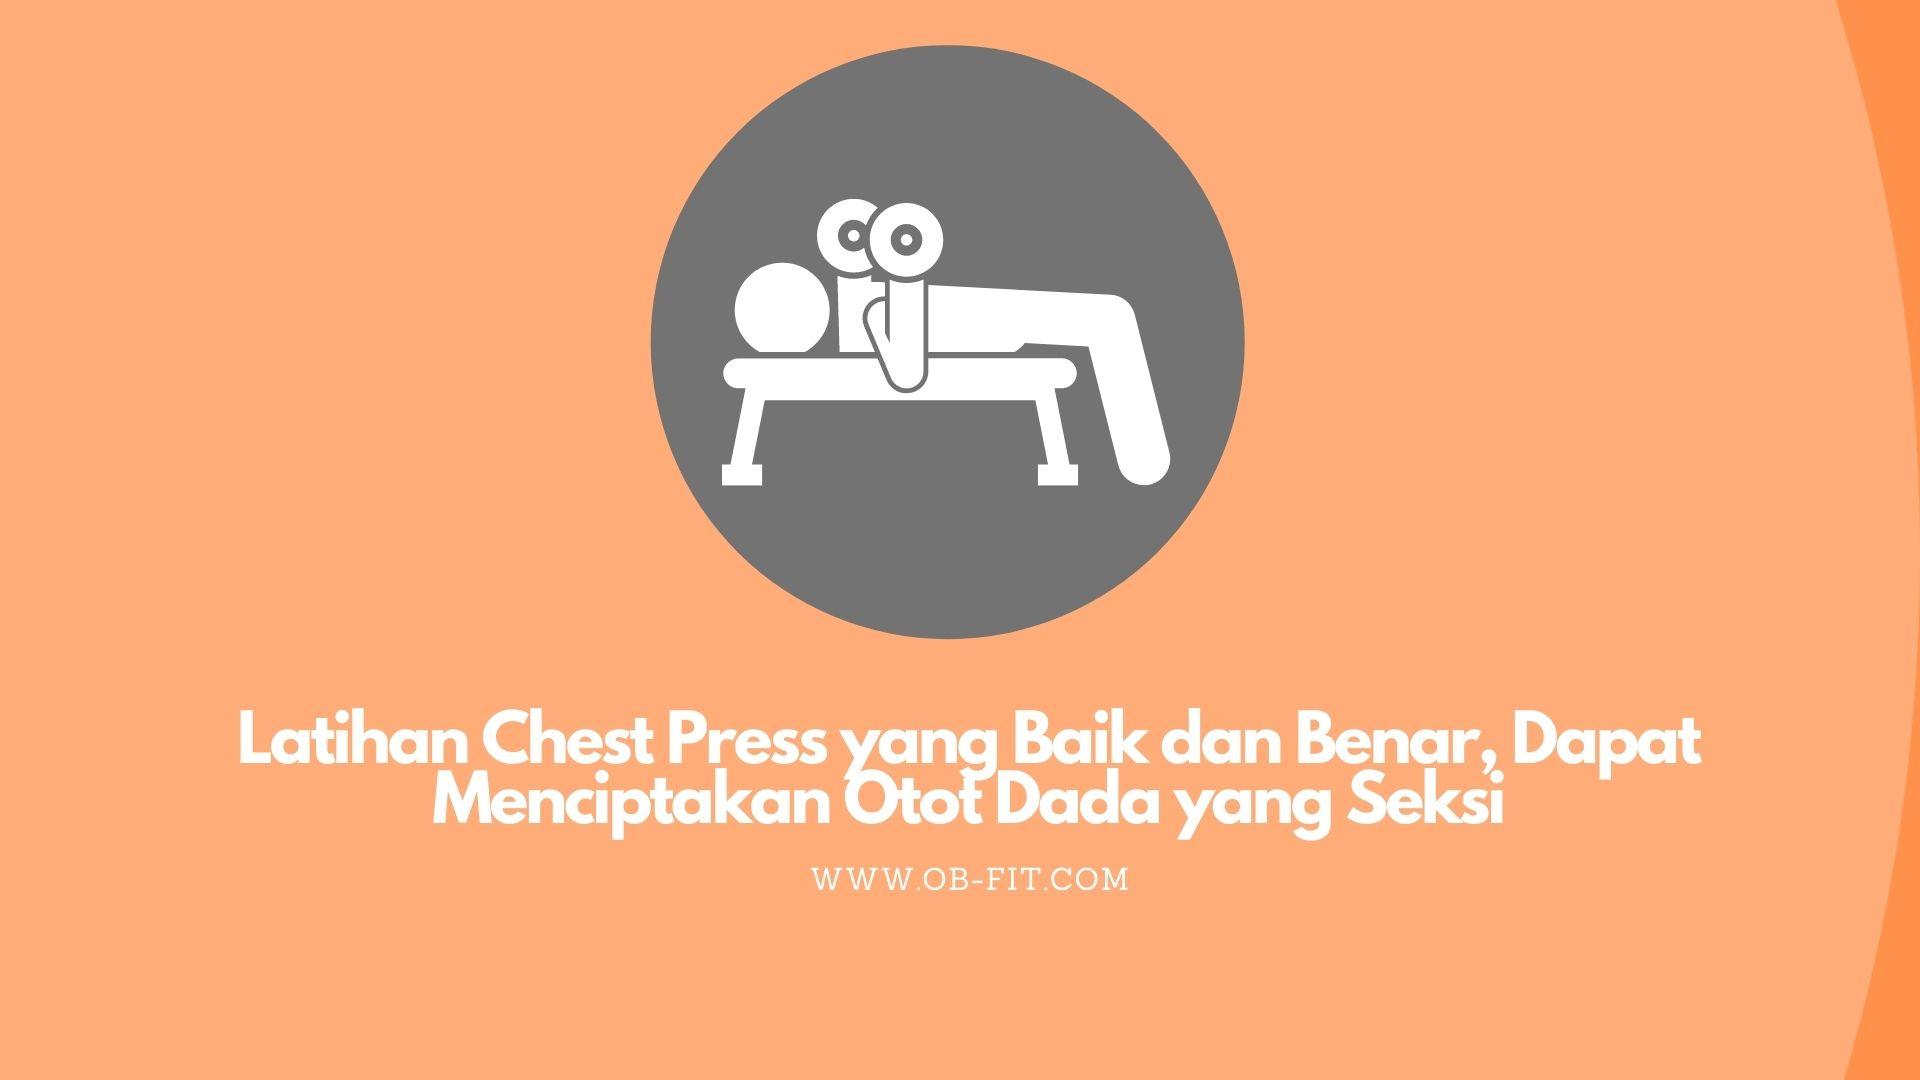 Chest Press: Pengertian, Manfaat & Gerakan